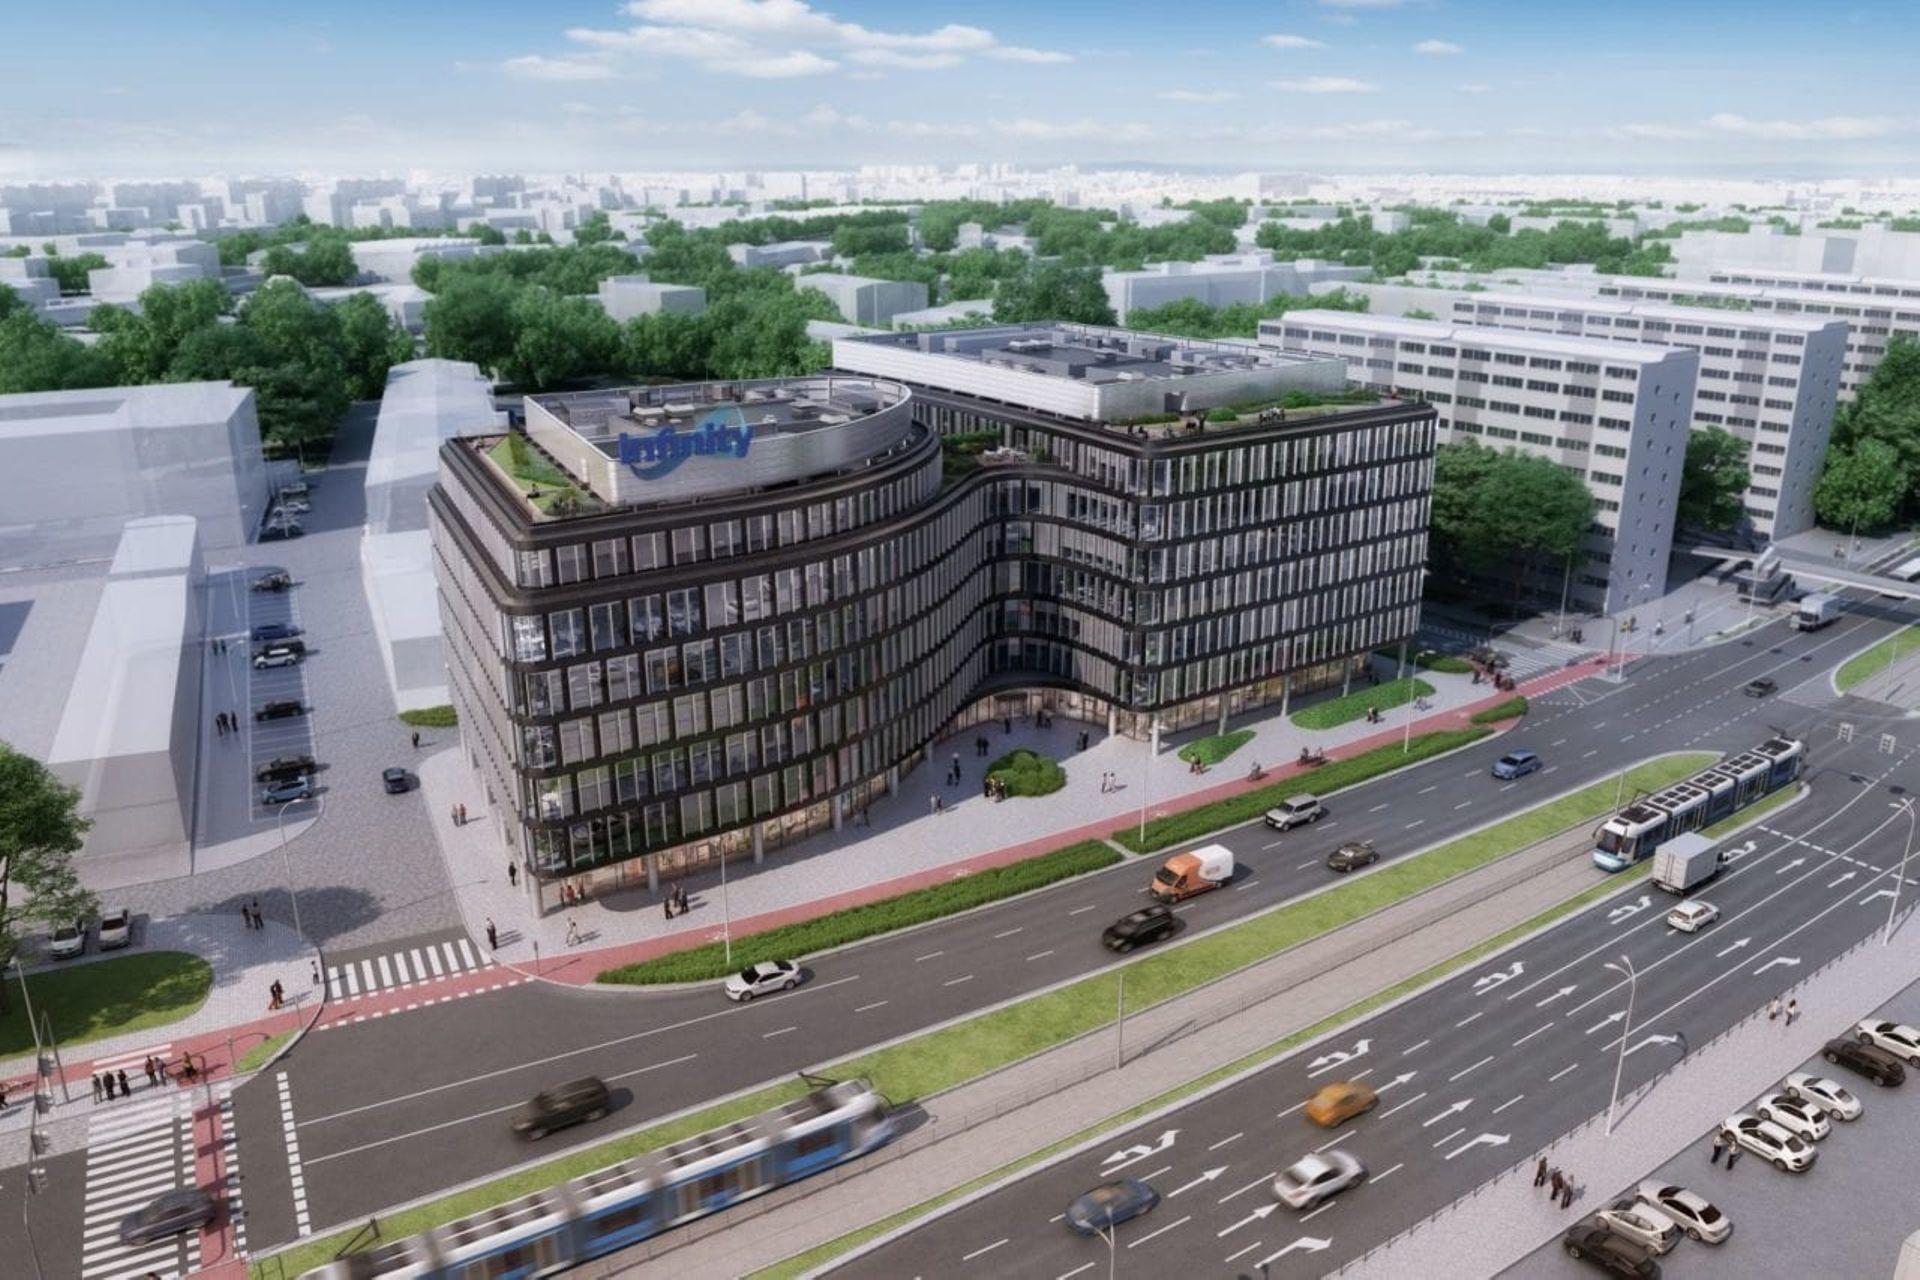 Rusza budowa nowego biurowca w centrum Wrocławia. Wybrano generalnego wykonawcę inwestycji